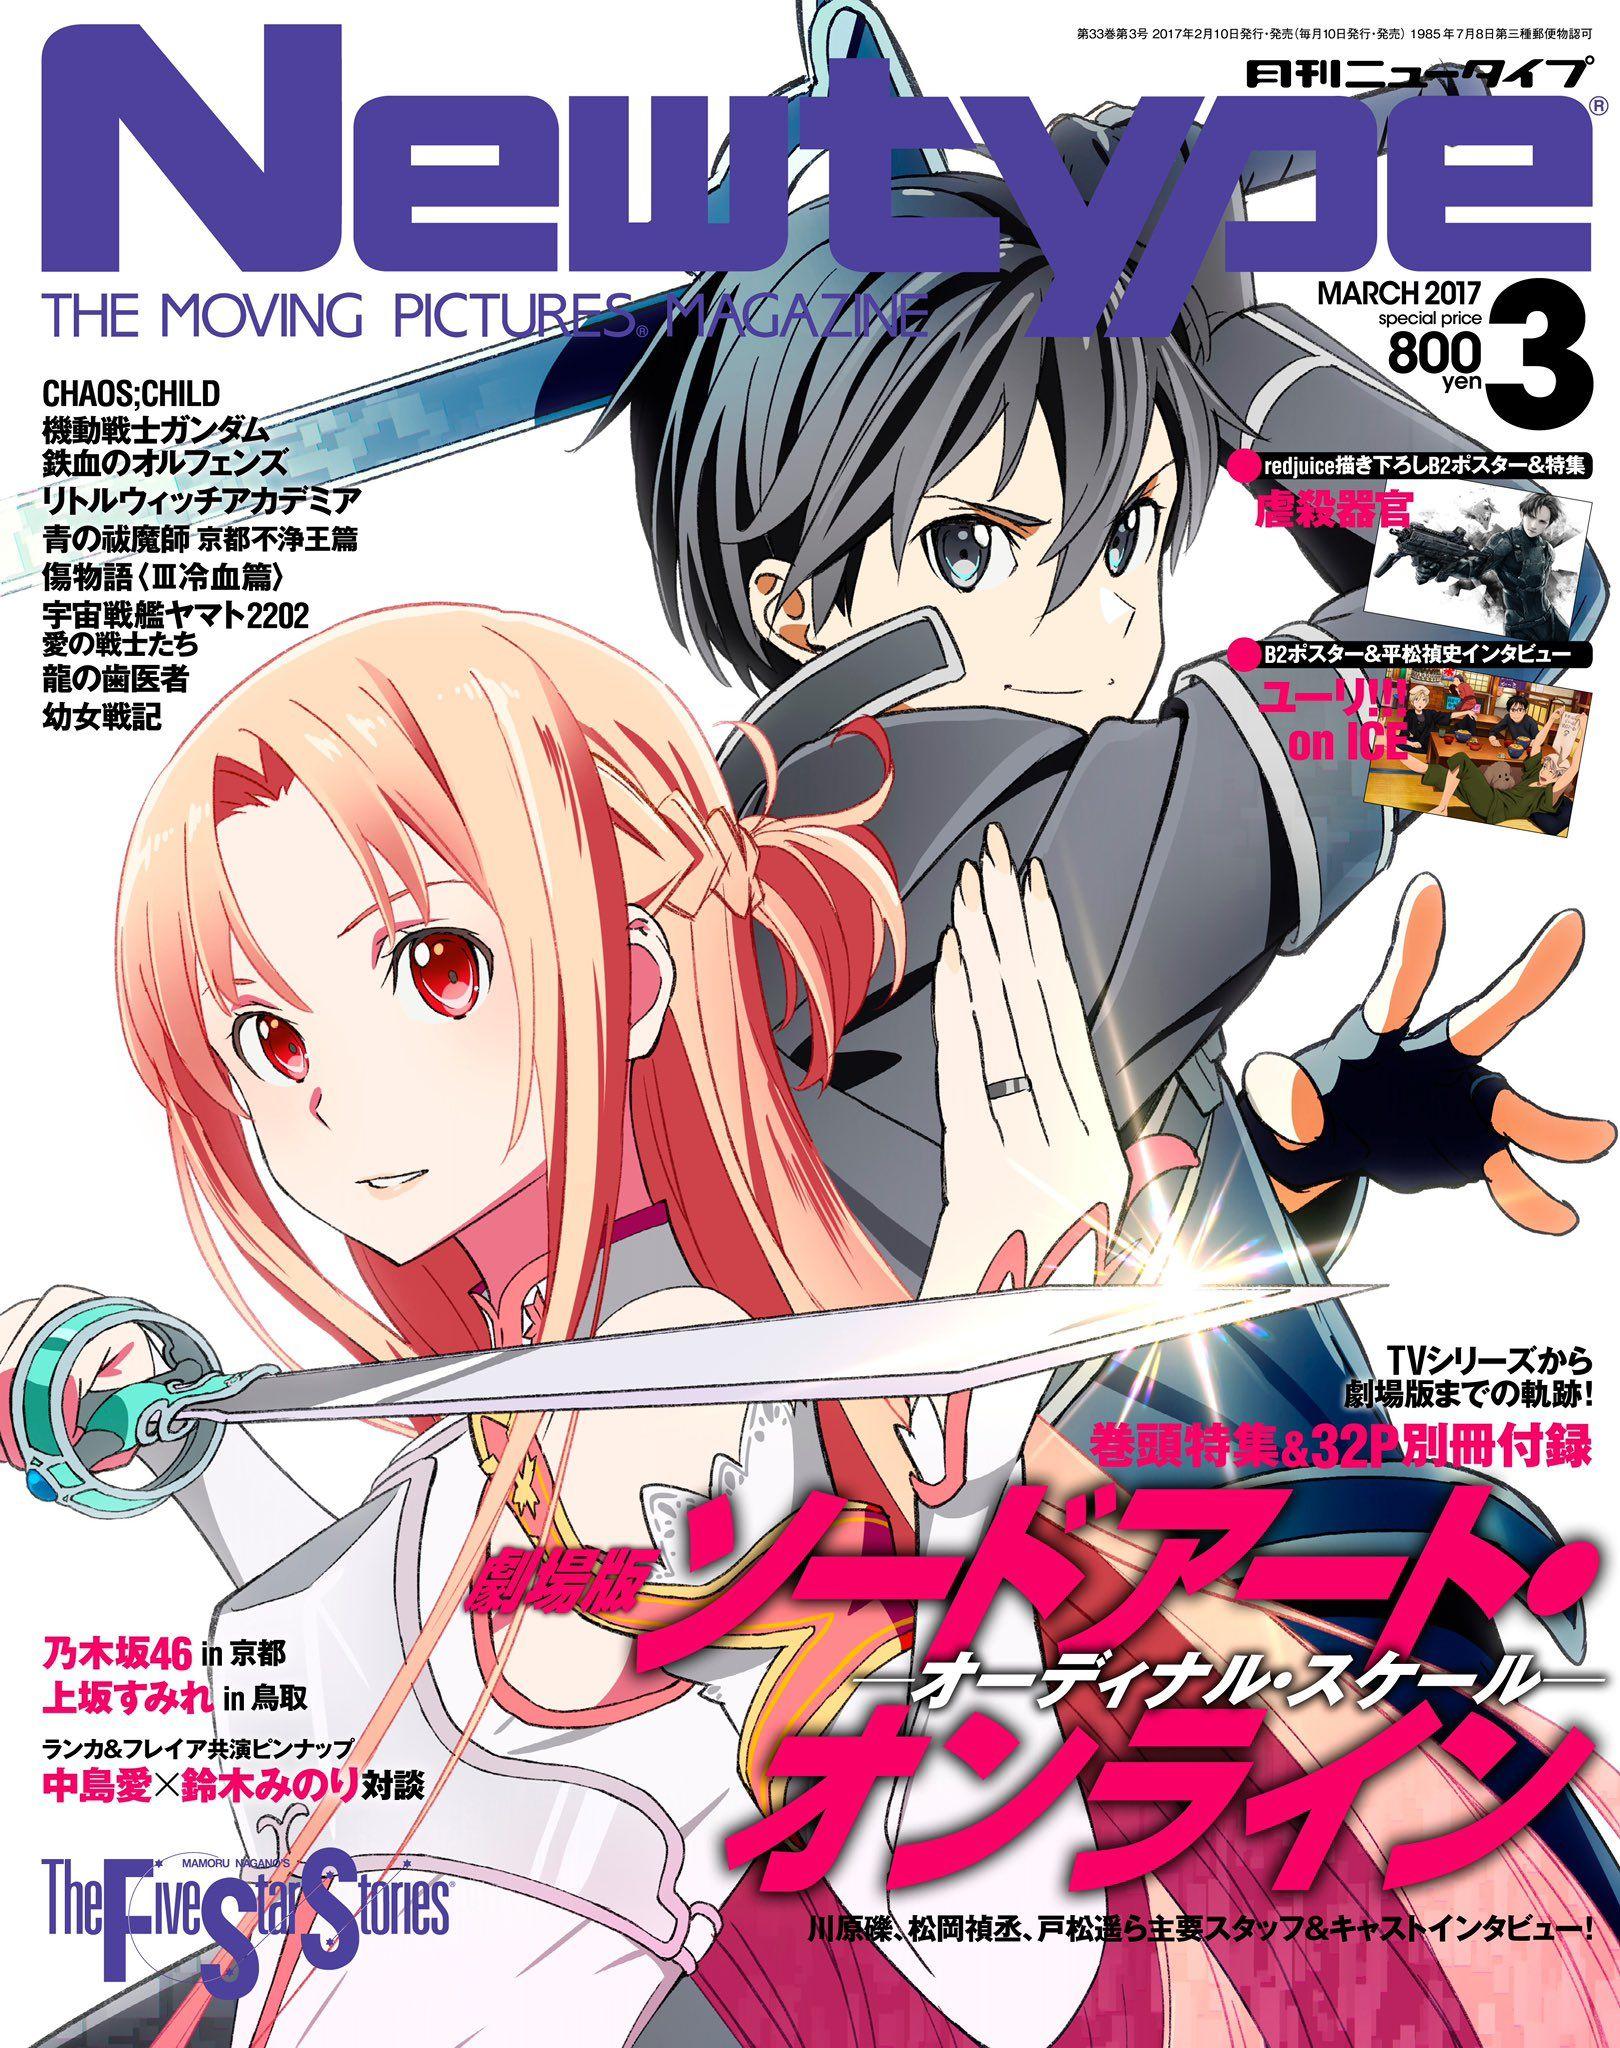 newtype35周年 アニメ クロニクル on twitter sword art online manga sword art online poster sword art online